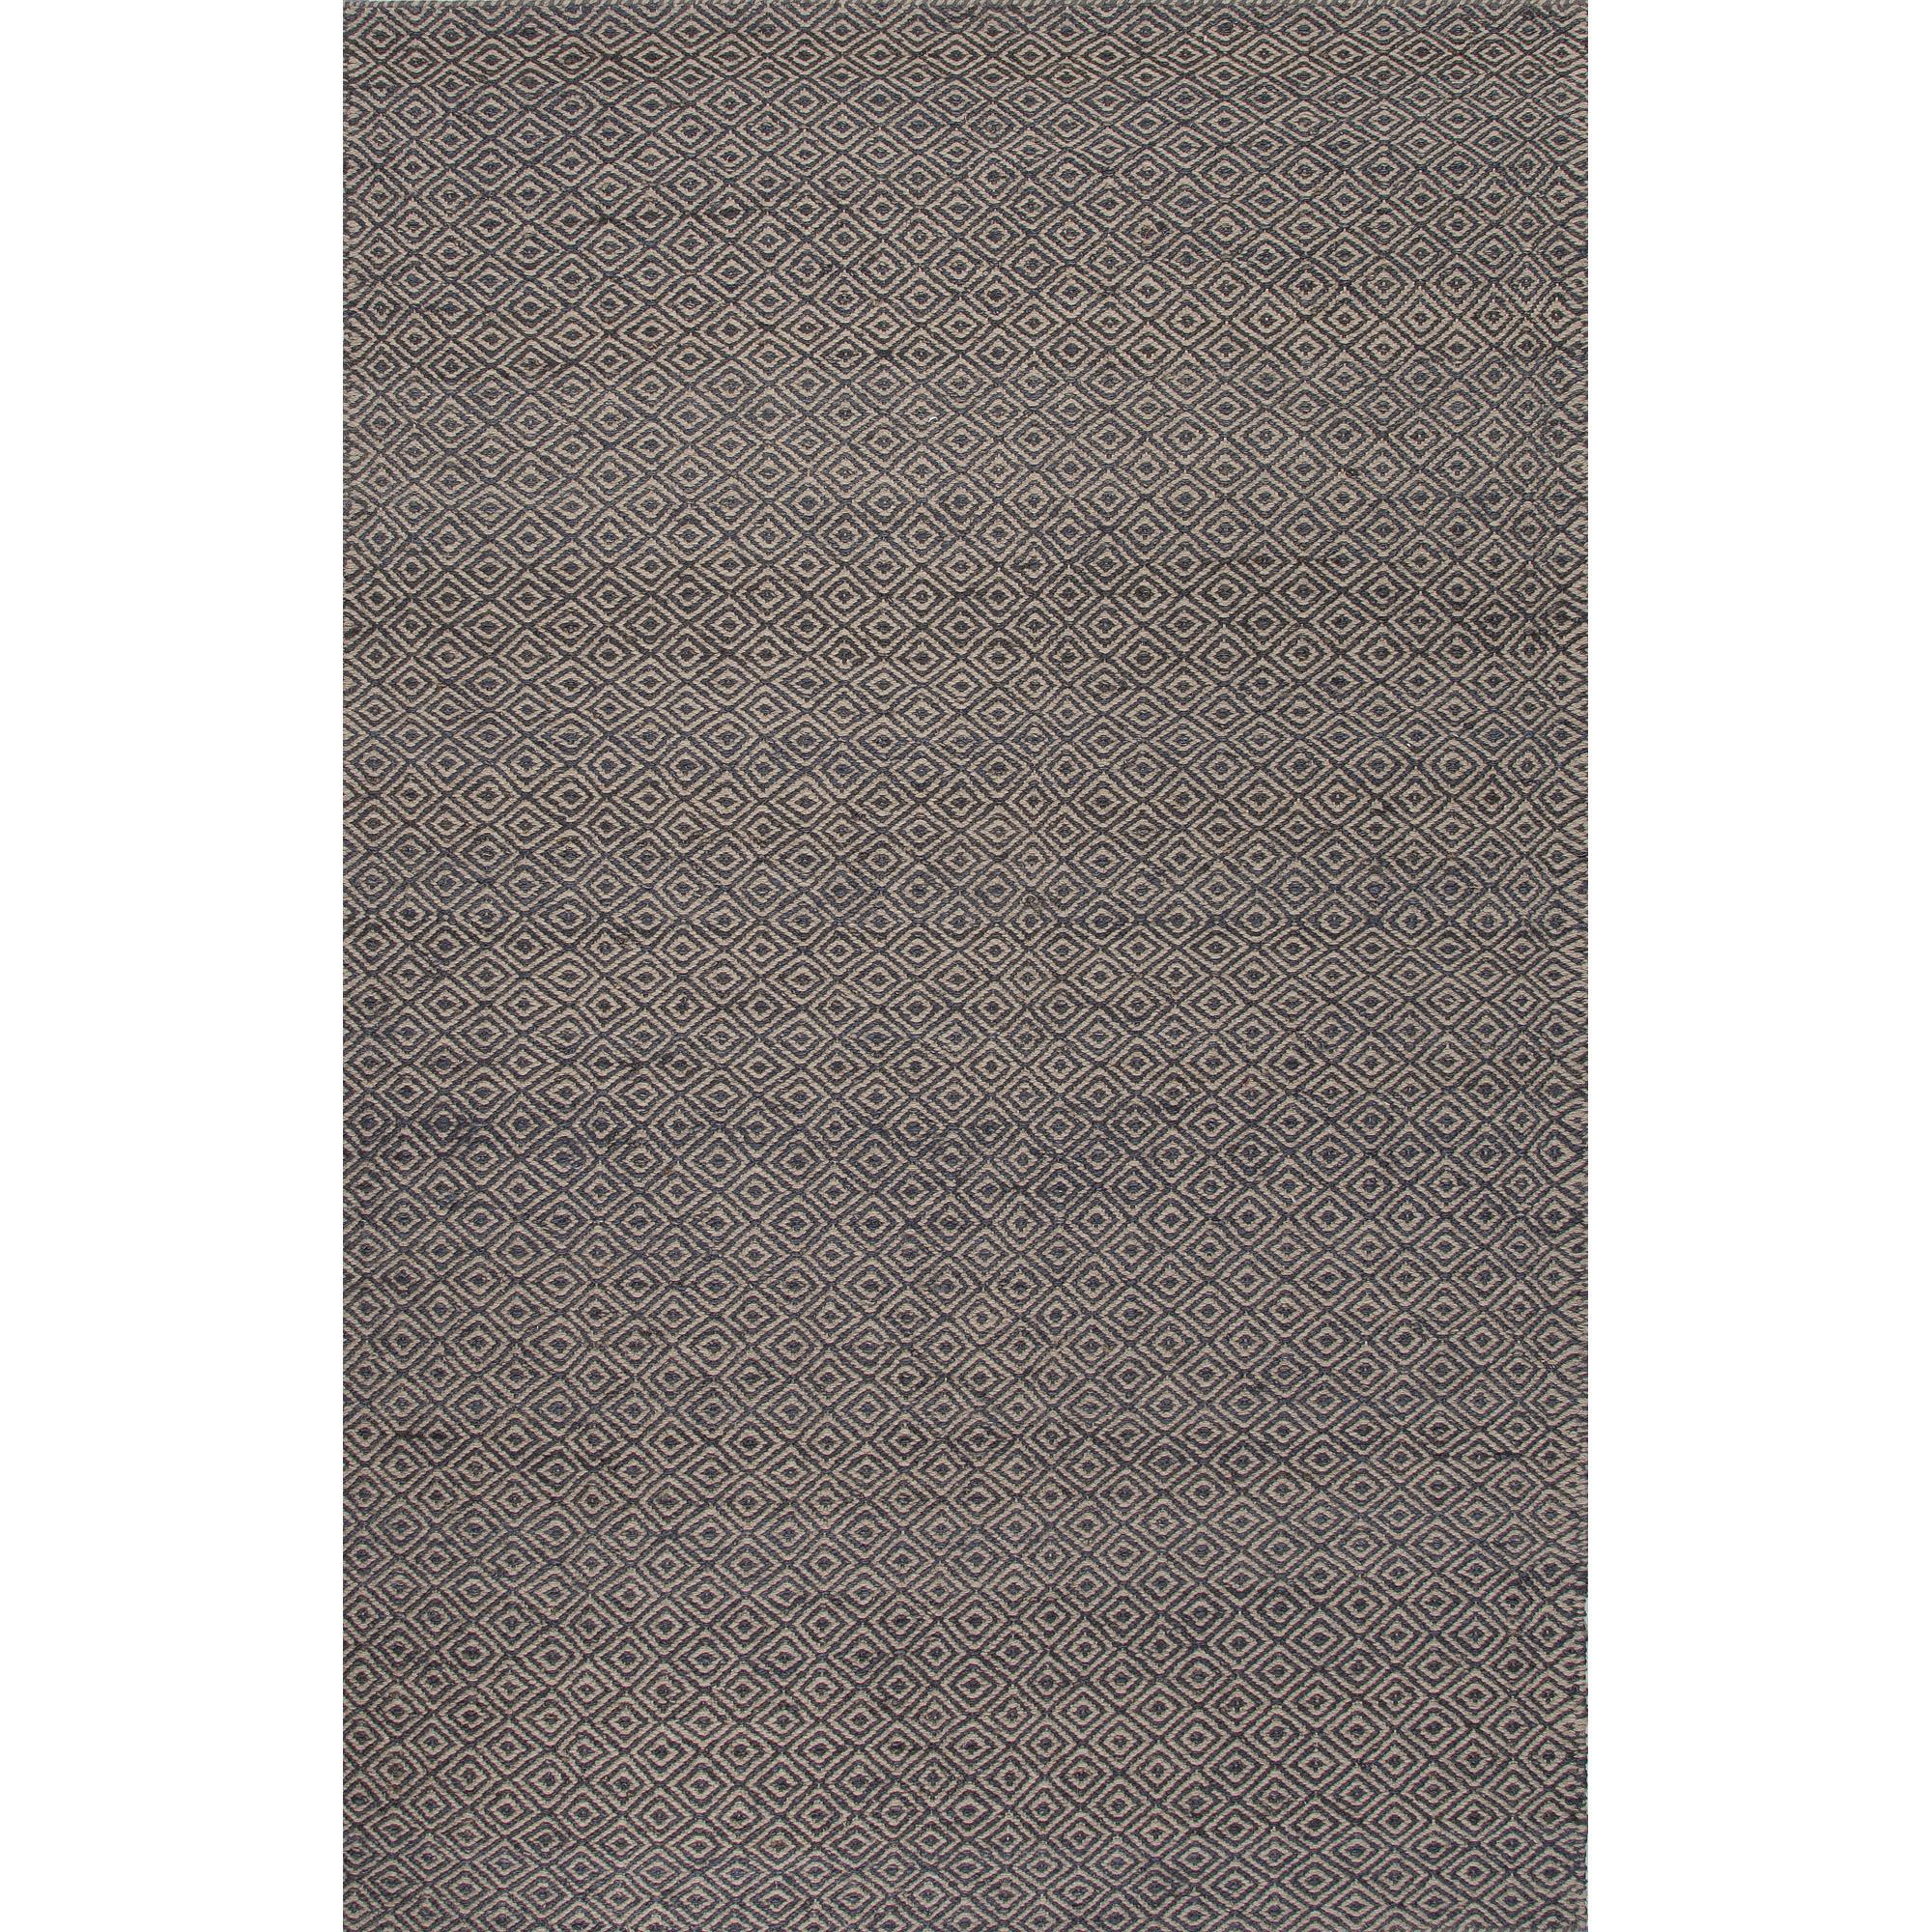 JAIPUR Rugs Naturals Ambary 8 x 10 Rug - Item Number: RUG114469